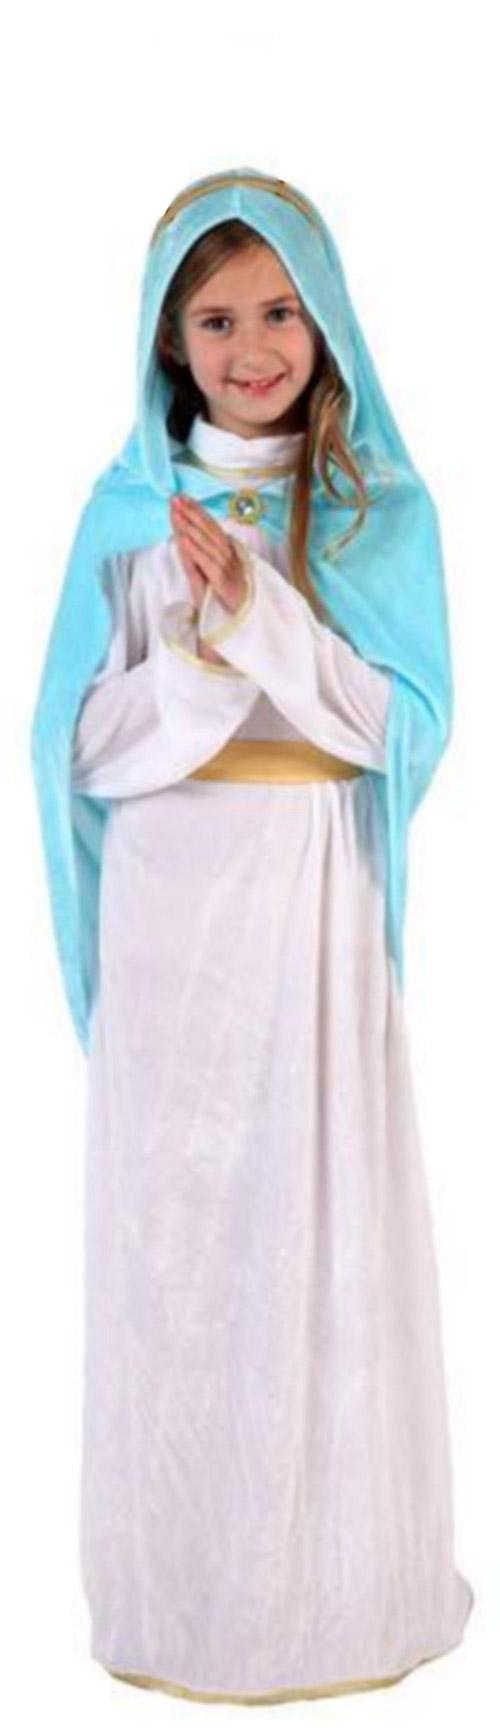 disfraz de virgen mara nia navidad